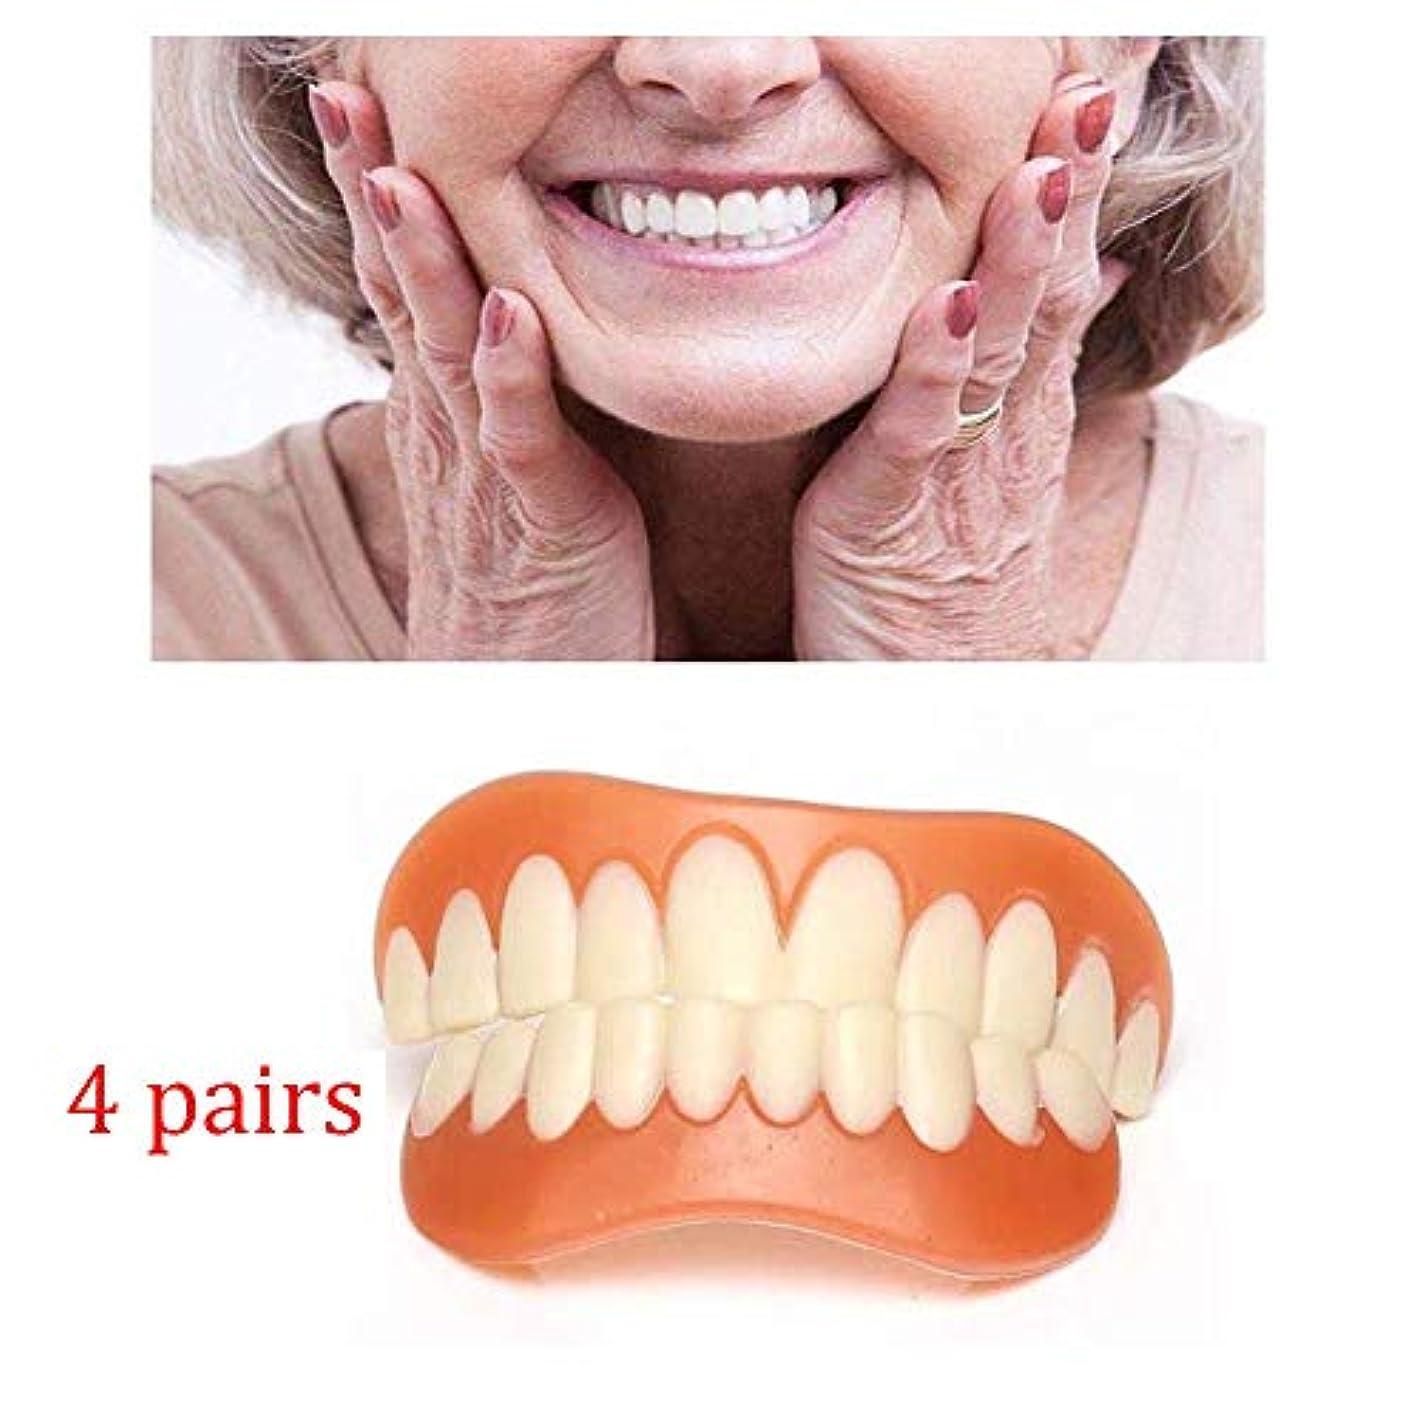 発生プラカードアドバイスインスタント笑顔歯4対上下の白い歯の列セット義歯セットベニヤフレックス義歯パーフェクトフィットペーストツール